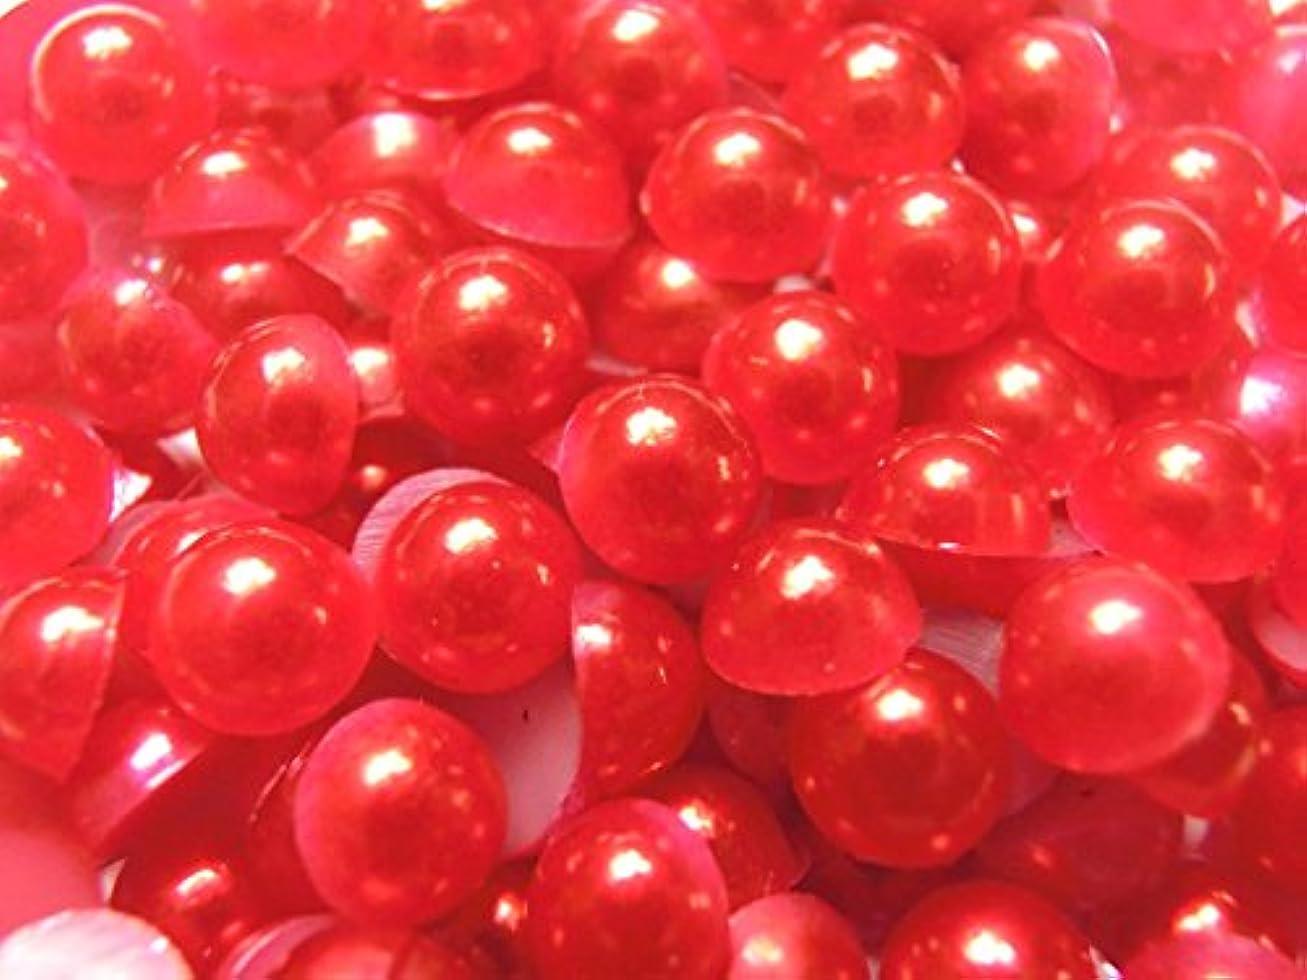 準備する安価な縁【ラインストーン77】超高級 パールストーン 各サイズ選択可能 2mm~8mm 赤 (2mm (約400粒))